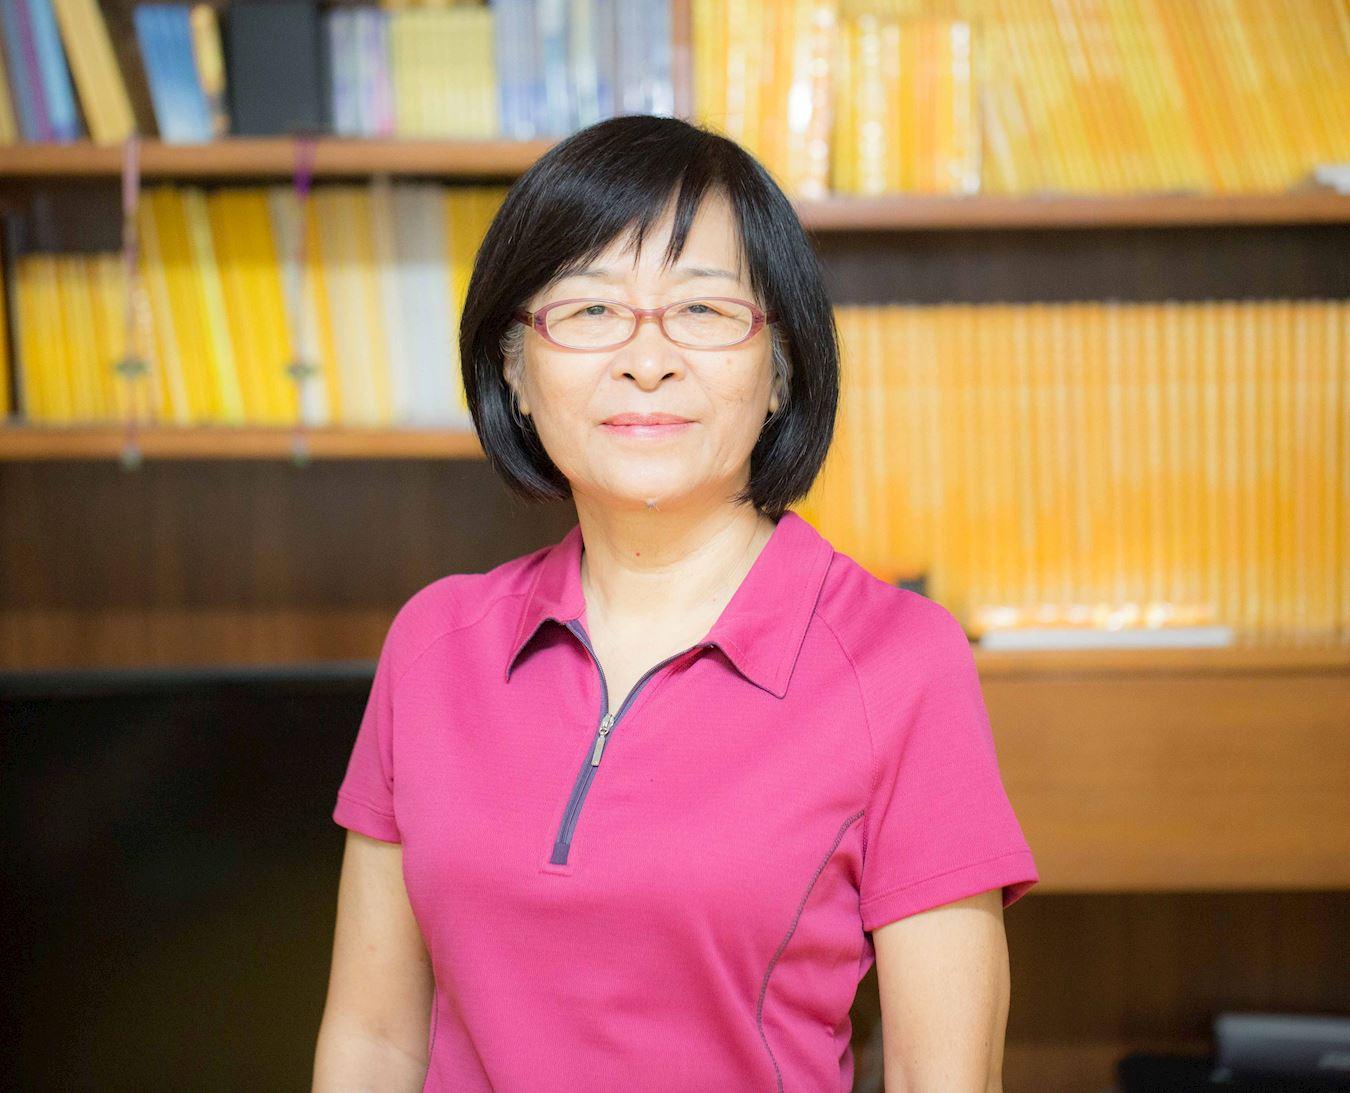 琼花女士是台湾的国中退休教师。一天,她看到一本书,刹那间,一直迷惑不解的人生问题都得到了解答。(明慧网)